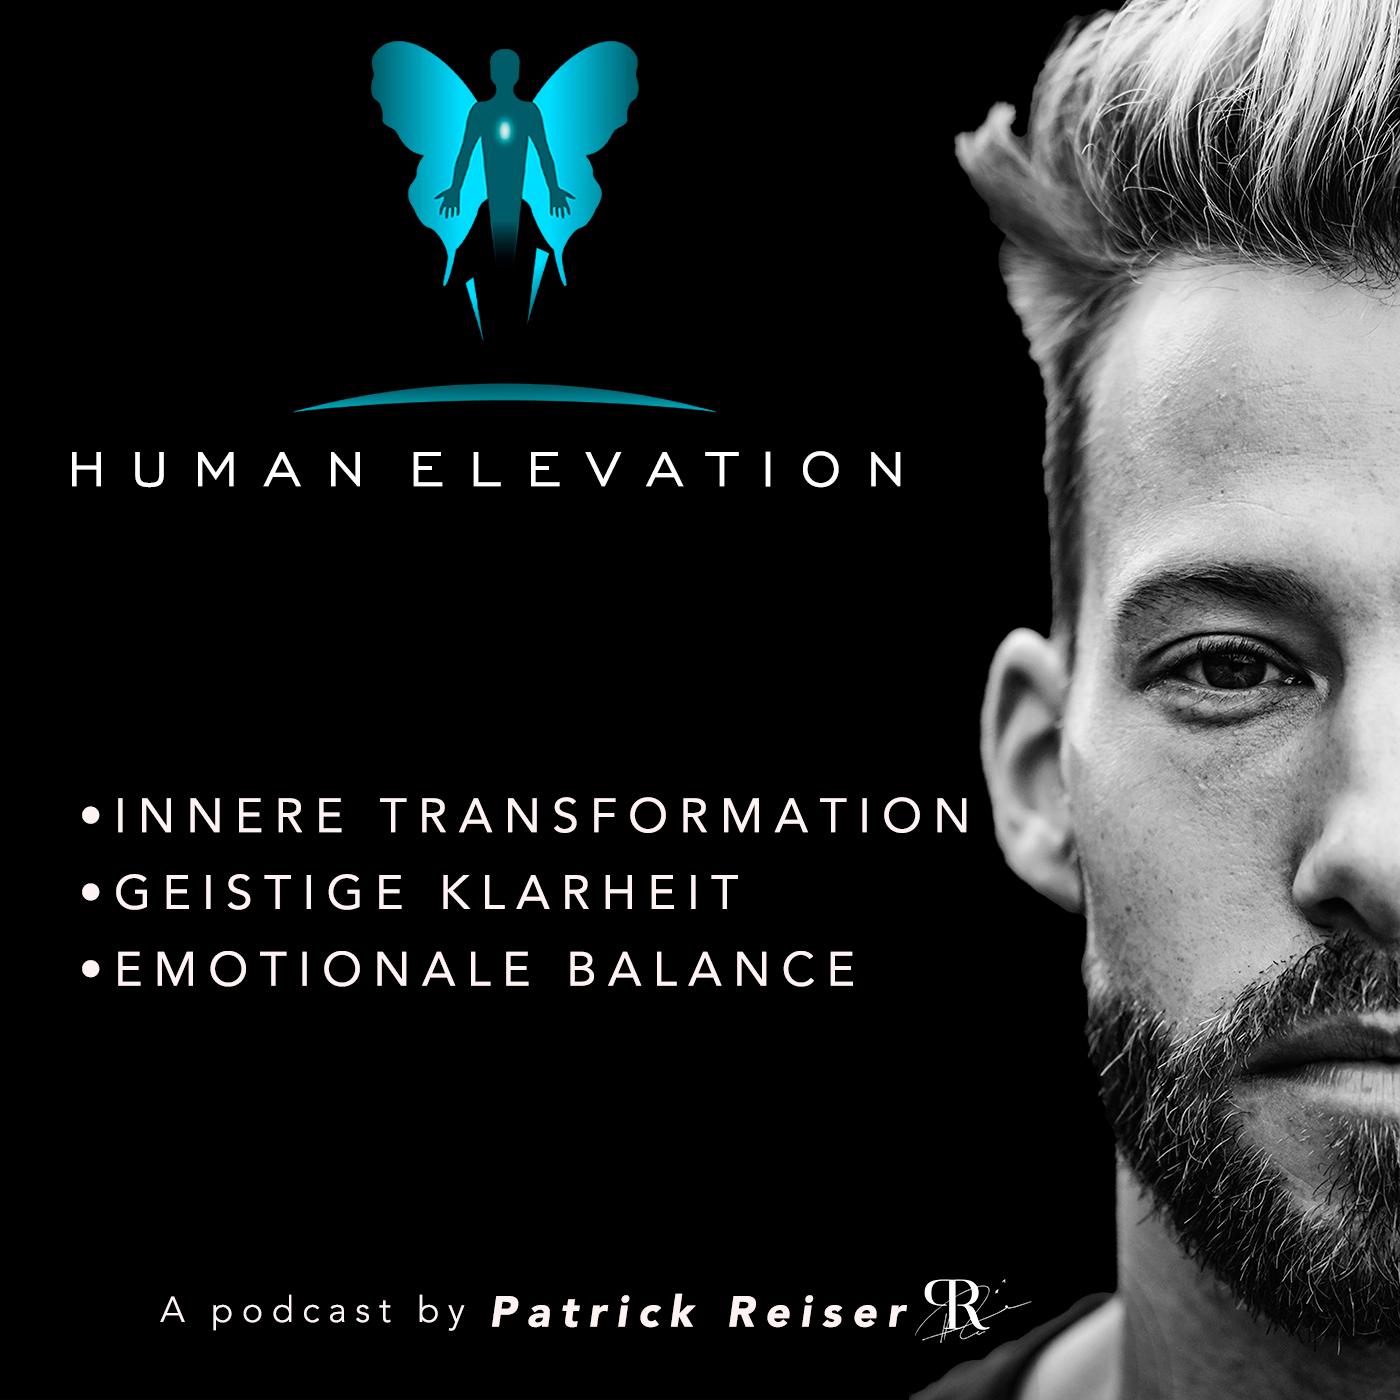 #185 - Stoppt Mobbing und Missbrauch - Jeder kann etwas tun - mit Carsten Stahl